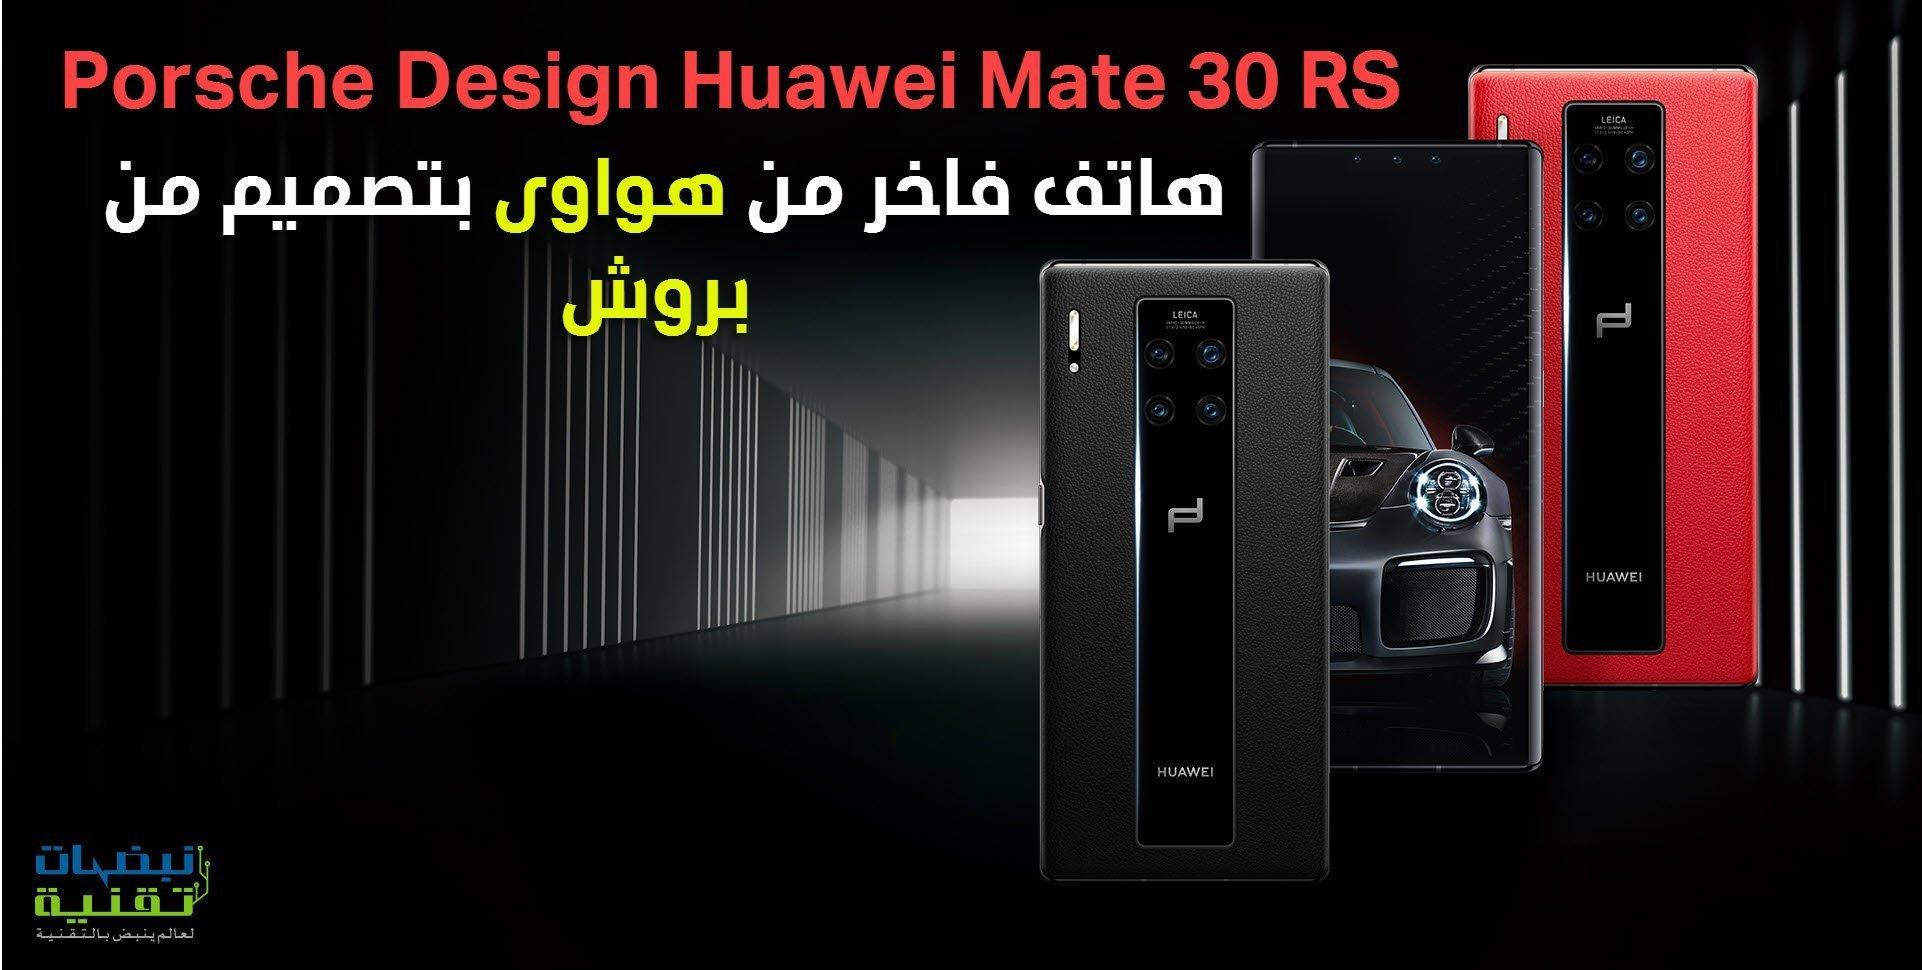 هاتف Porsche Design Huawei Mate 30 RS